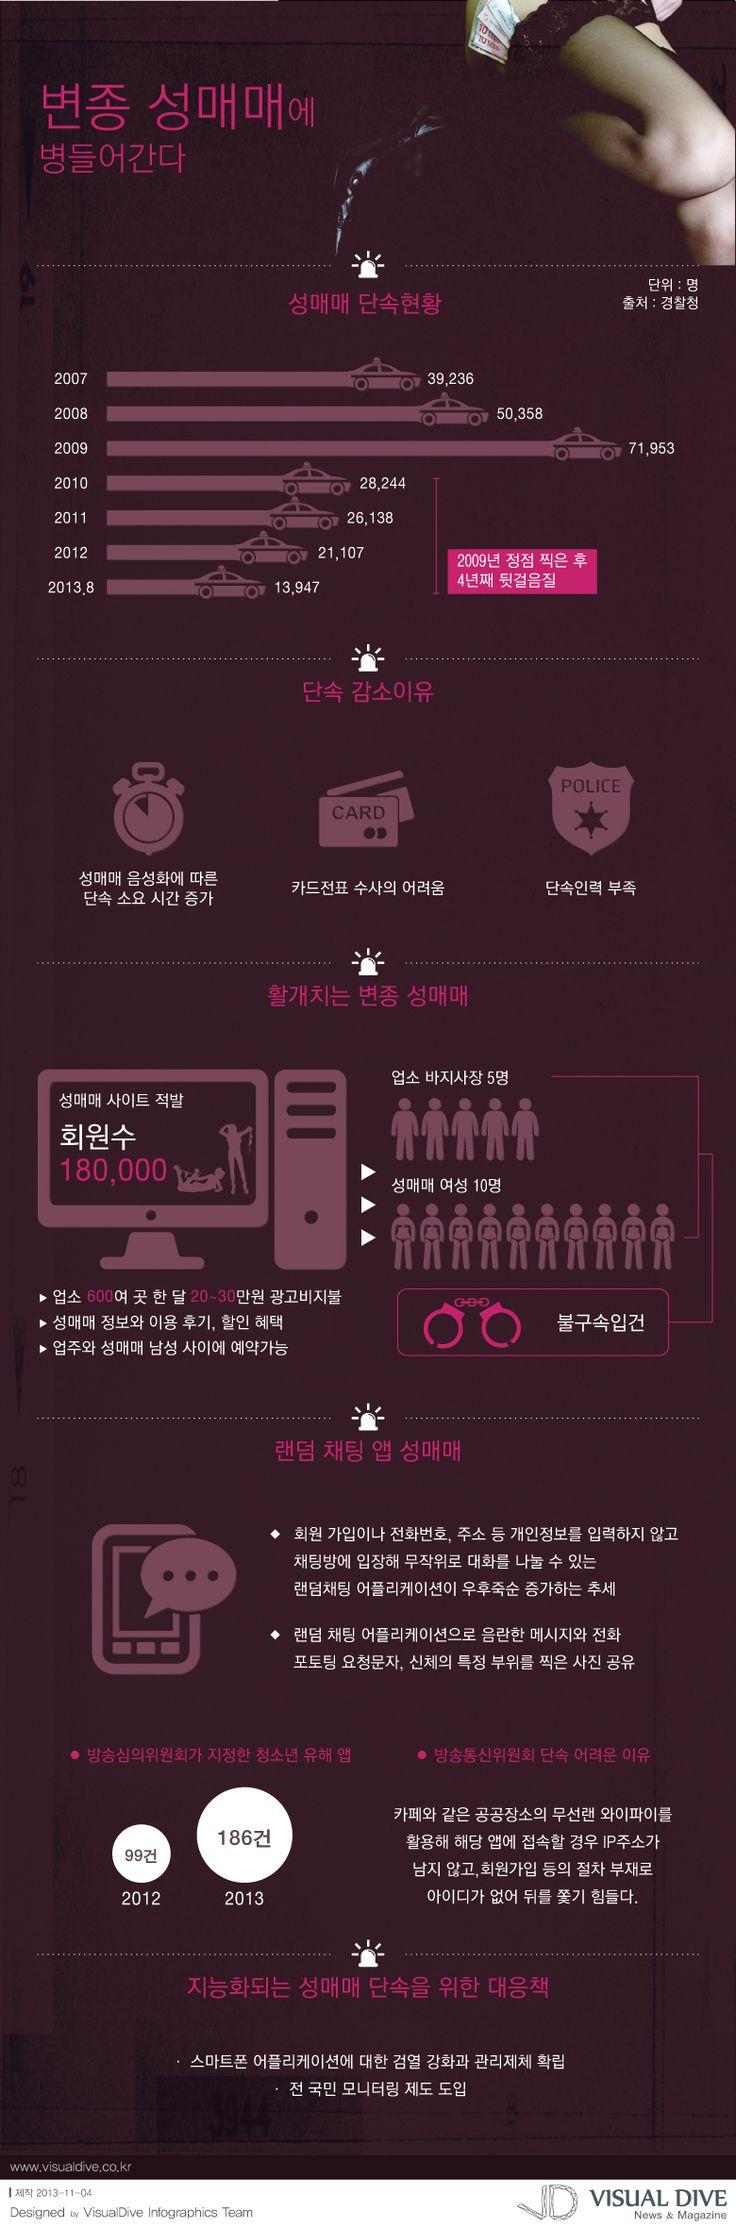 """[인포그래픽] 인터넷과 모바일 이용한 변종 '성매매' 극성 #prostitution / #Infographic"""" ⓒ 비주얼다이브 무단 복사·전재·재배포 금지"""